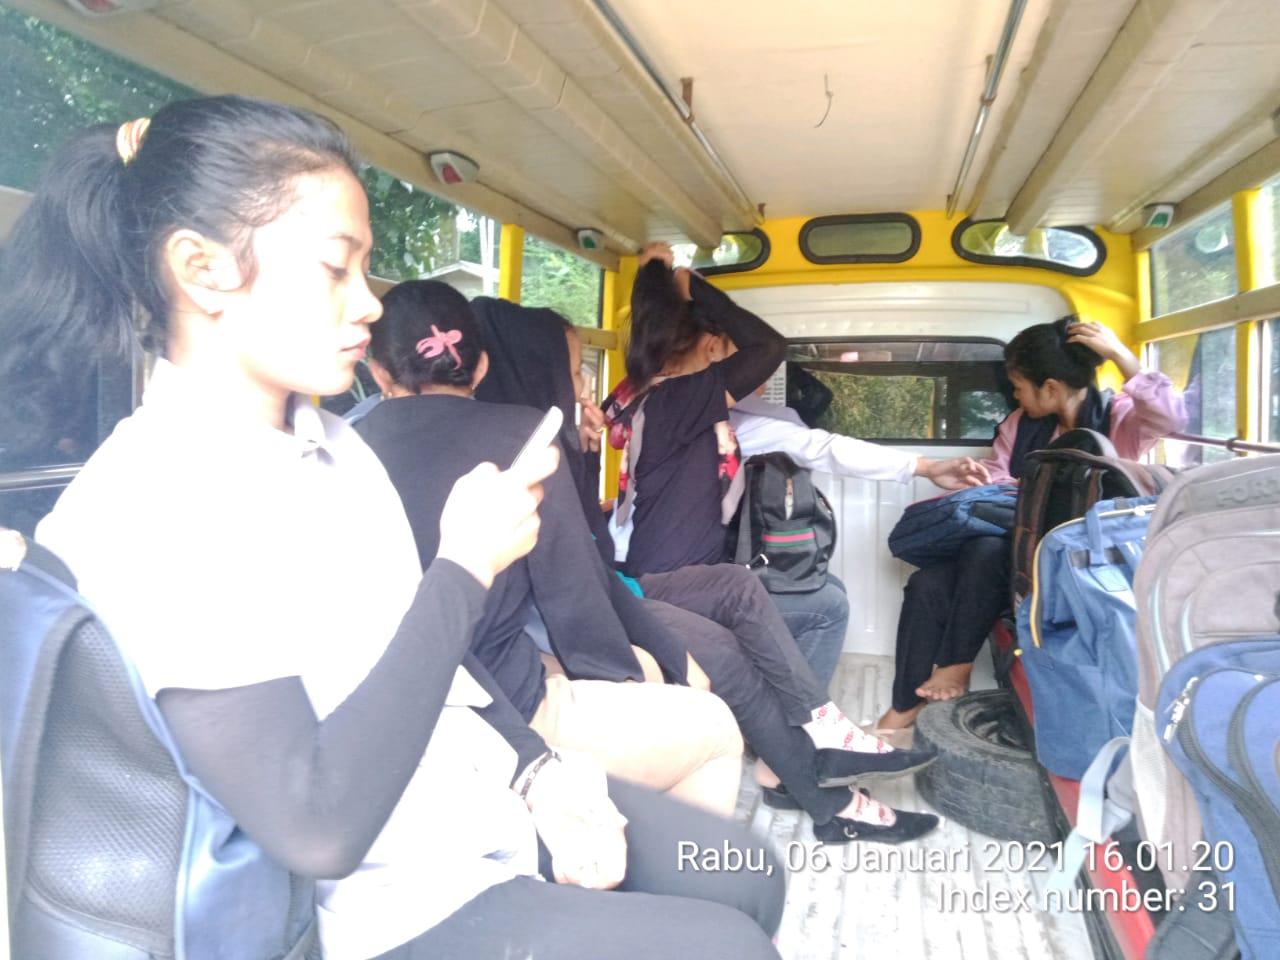 Heboh 15 Oknum Petugas Kesehatan Abal-abal Datangi Rumah Warga di Aceh